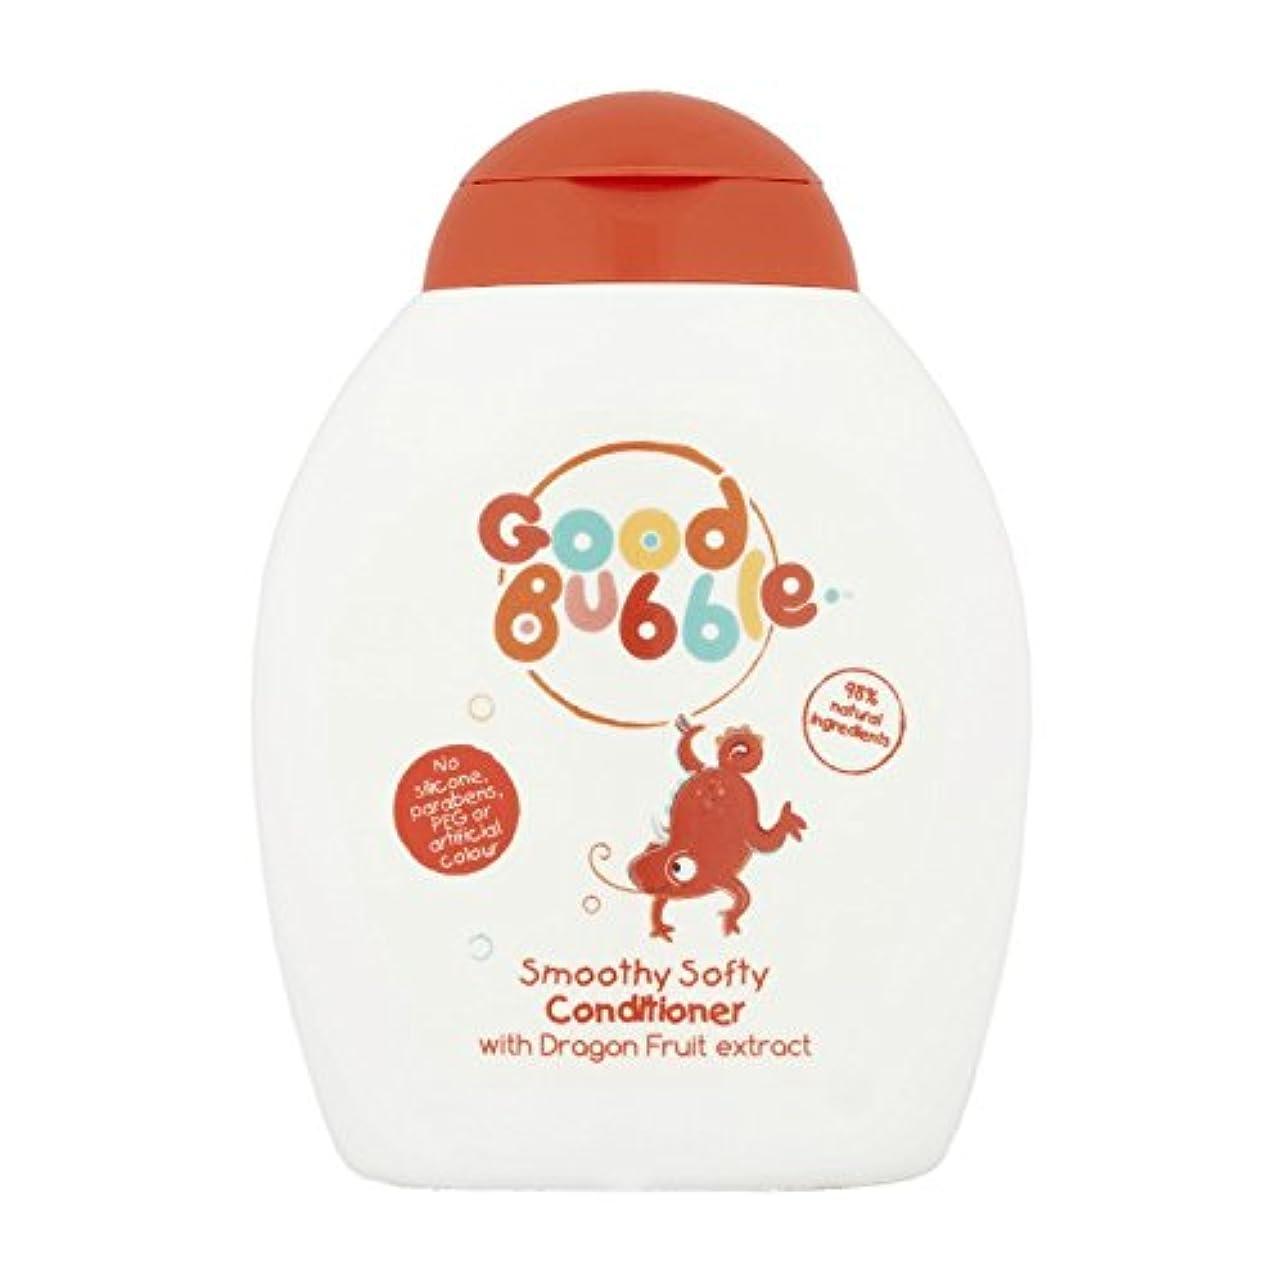 惑星プレゼンター贅沢良いバブルドラゴンフルーツコンディショナー250ミリリットル - Good Bubble Dragon Fruit Conditioner 250ml (Good Bubble) [並行輸入品]